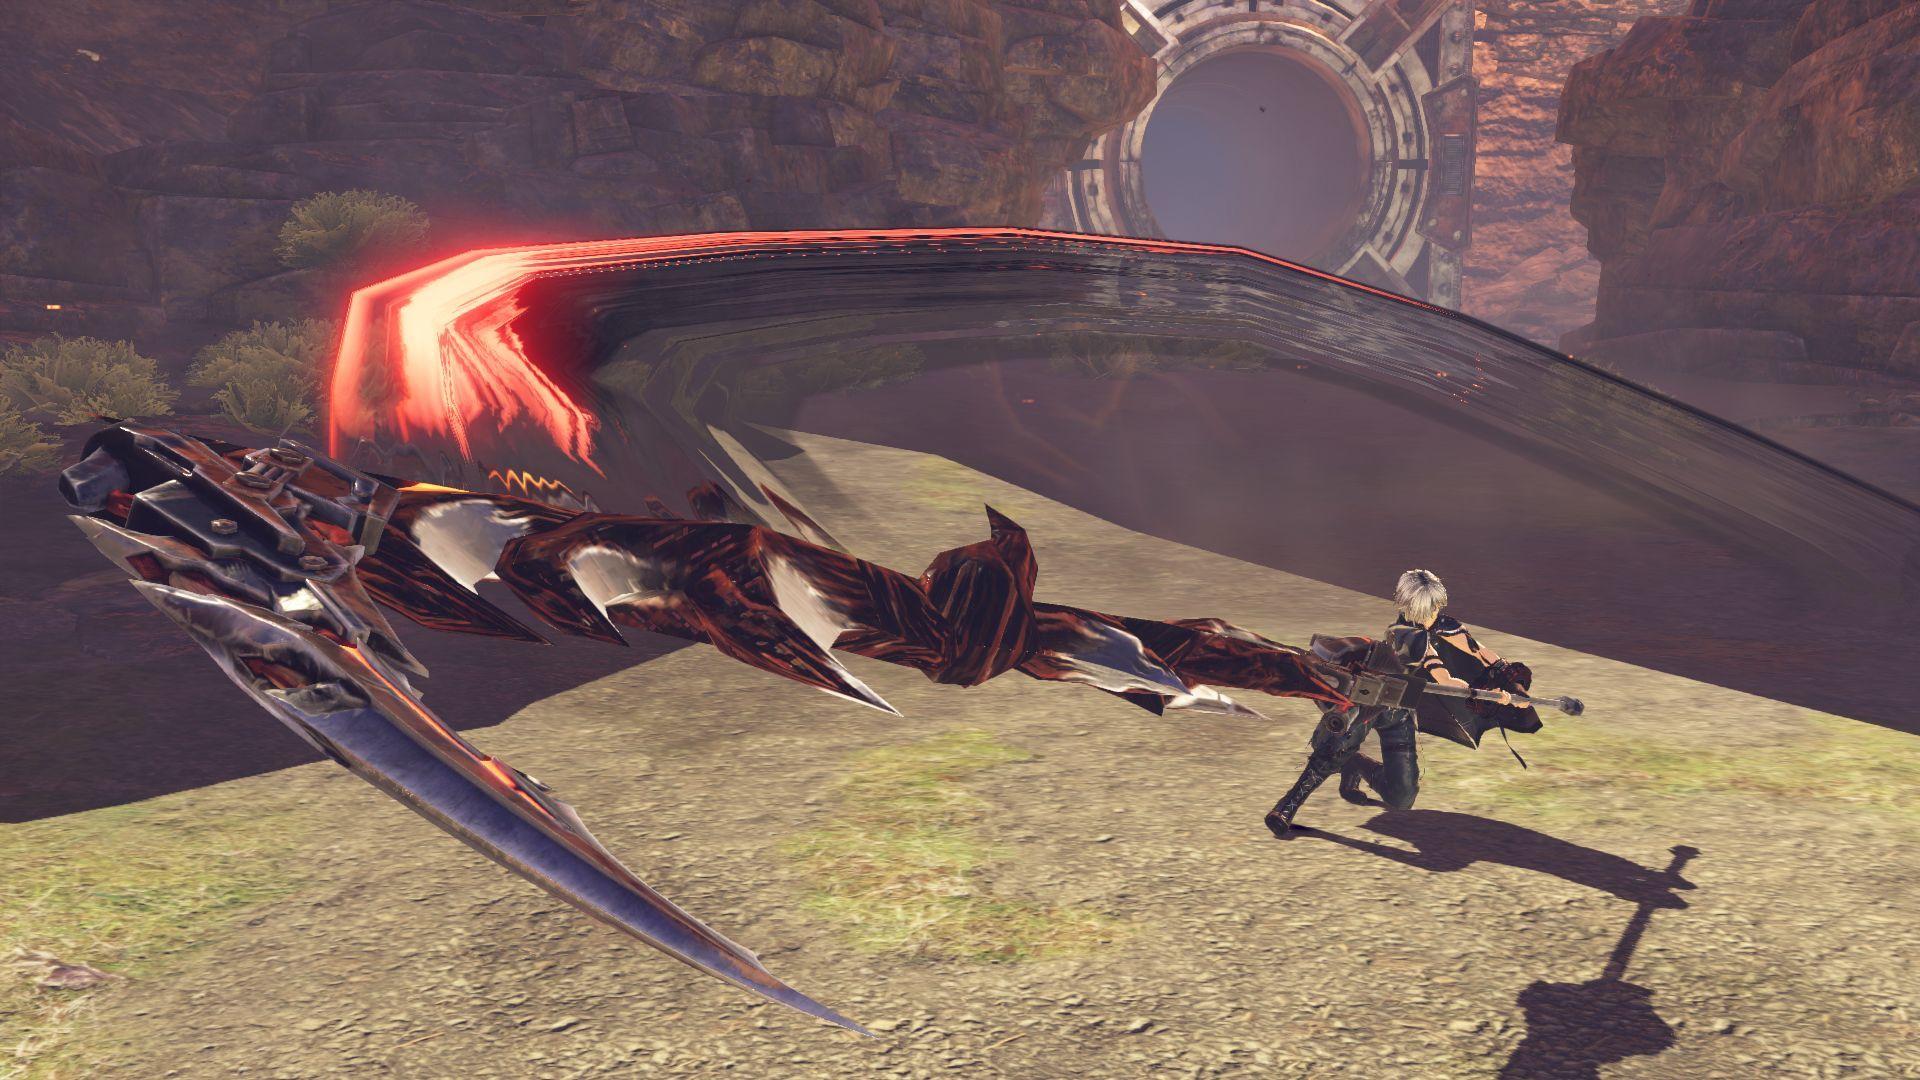 Serinin yeni oyunu God Eater 3 adına ekran görüntüleri yayınlandı